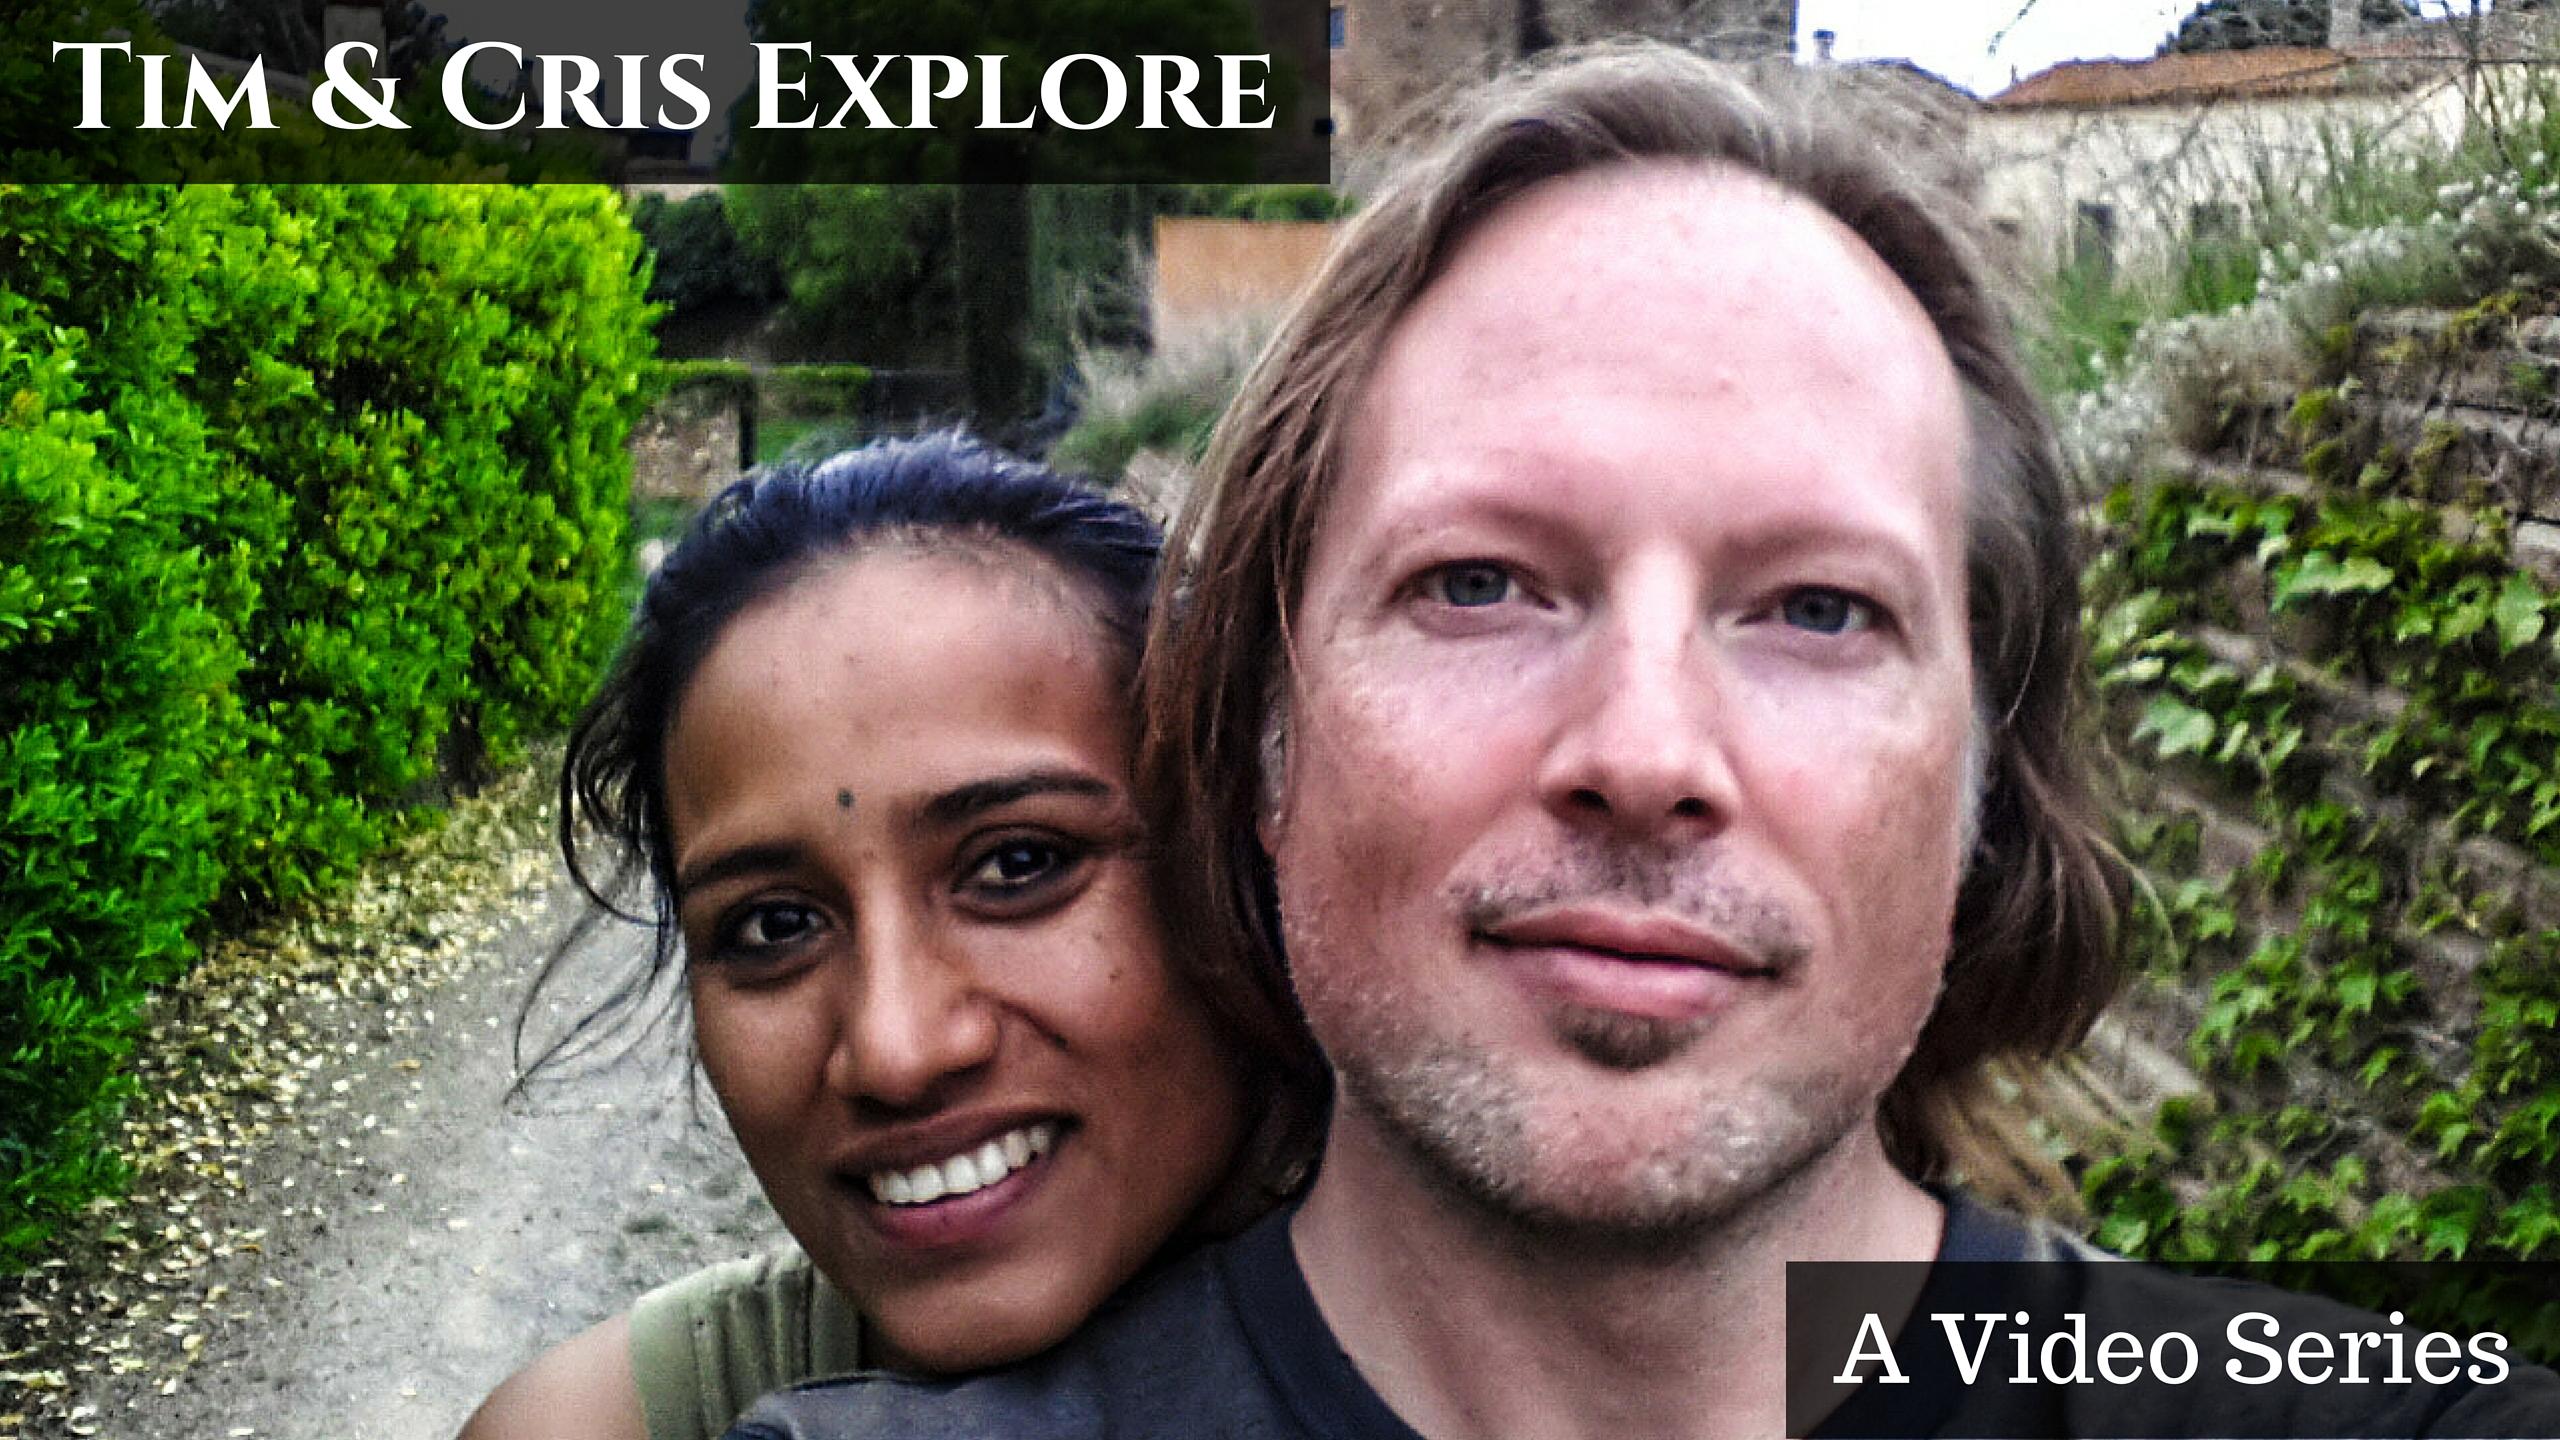 Tim & Cris Explore